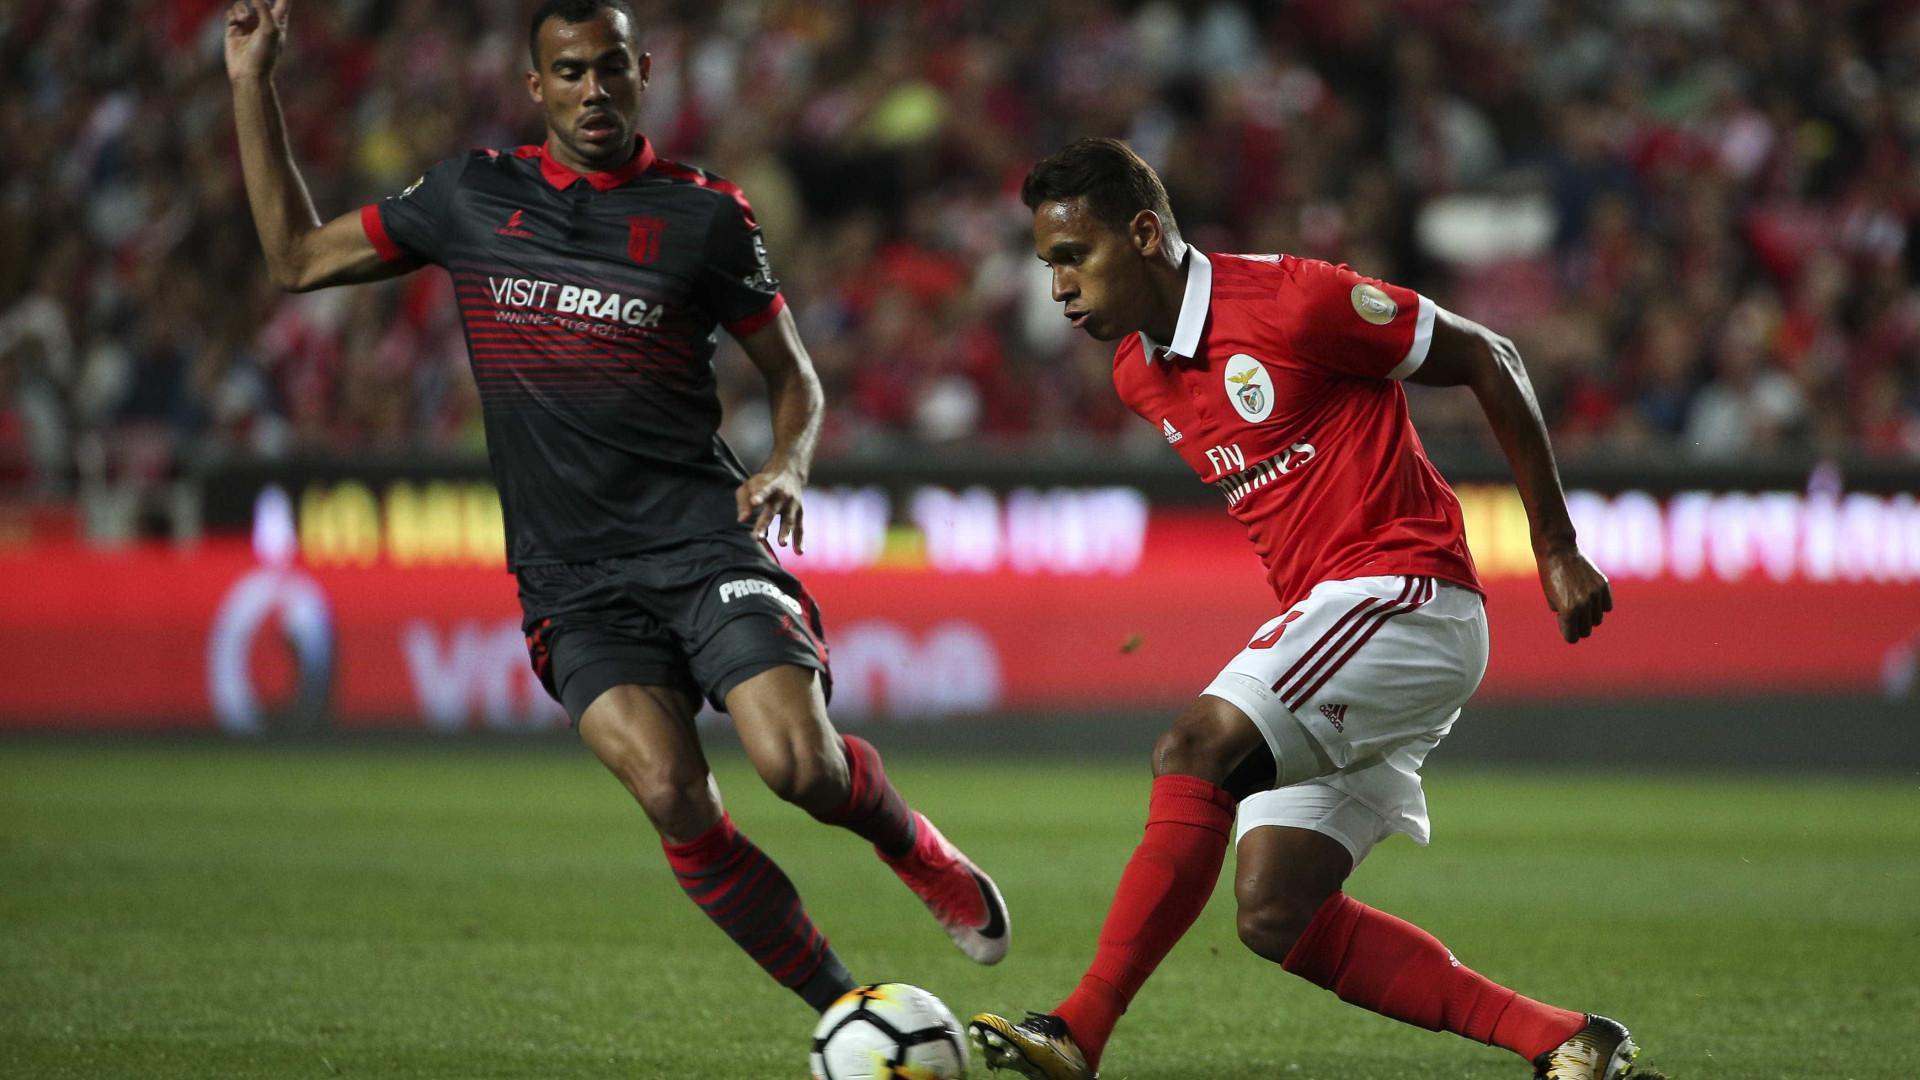 Rui Vitória promete mudanças frente ao Sp. Braga